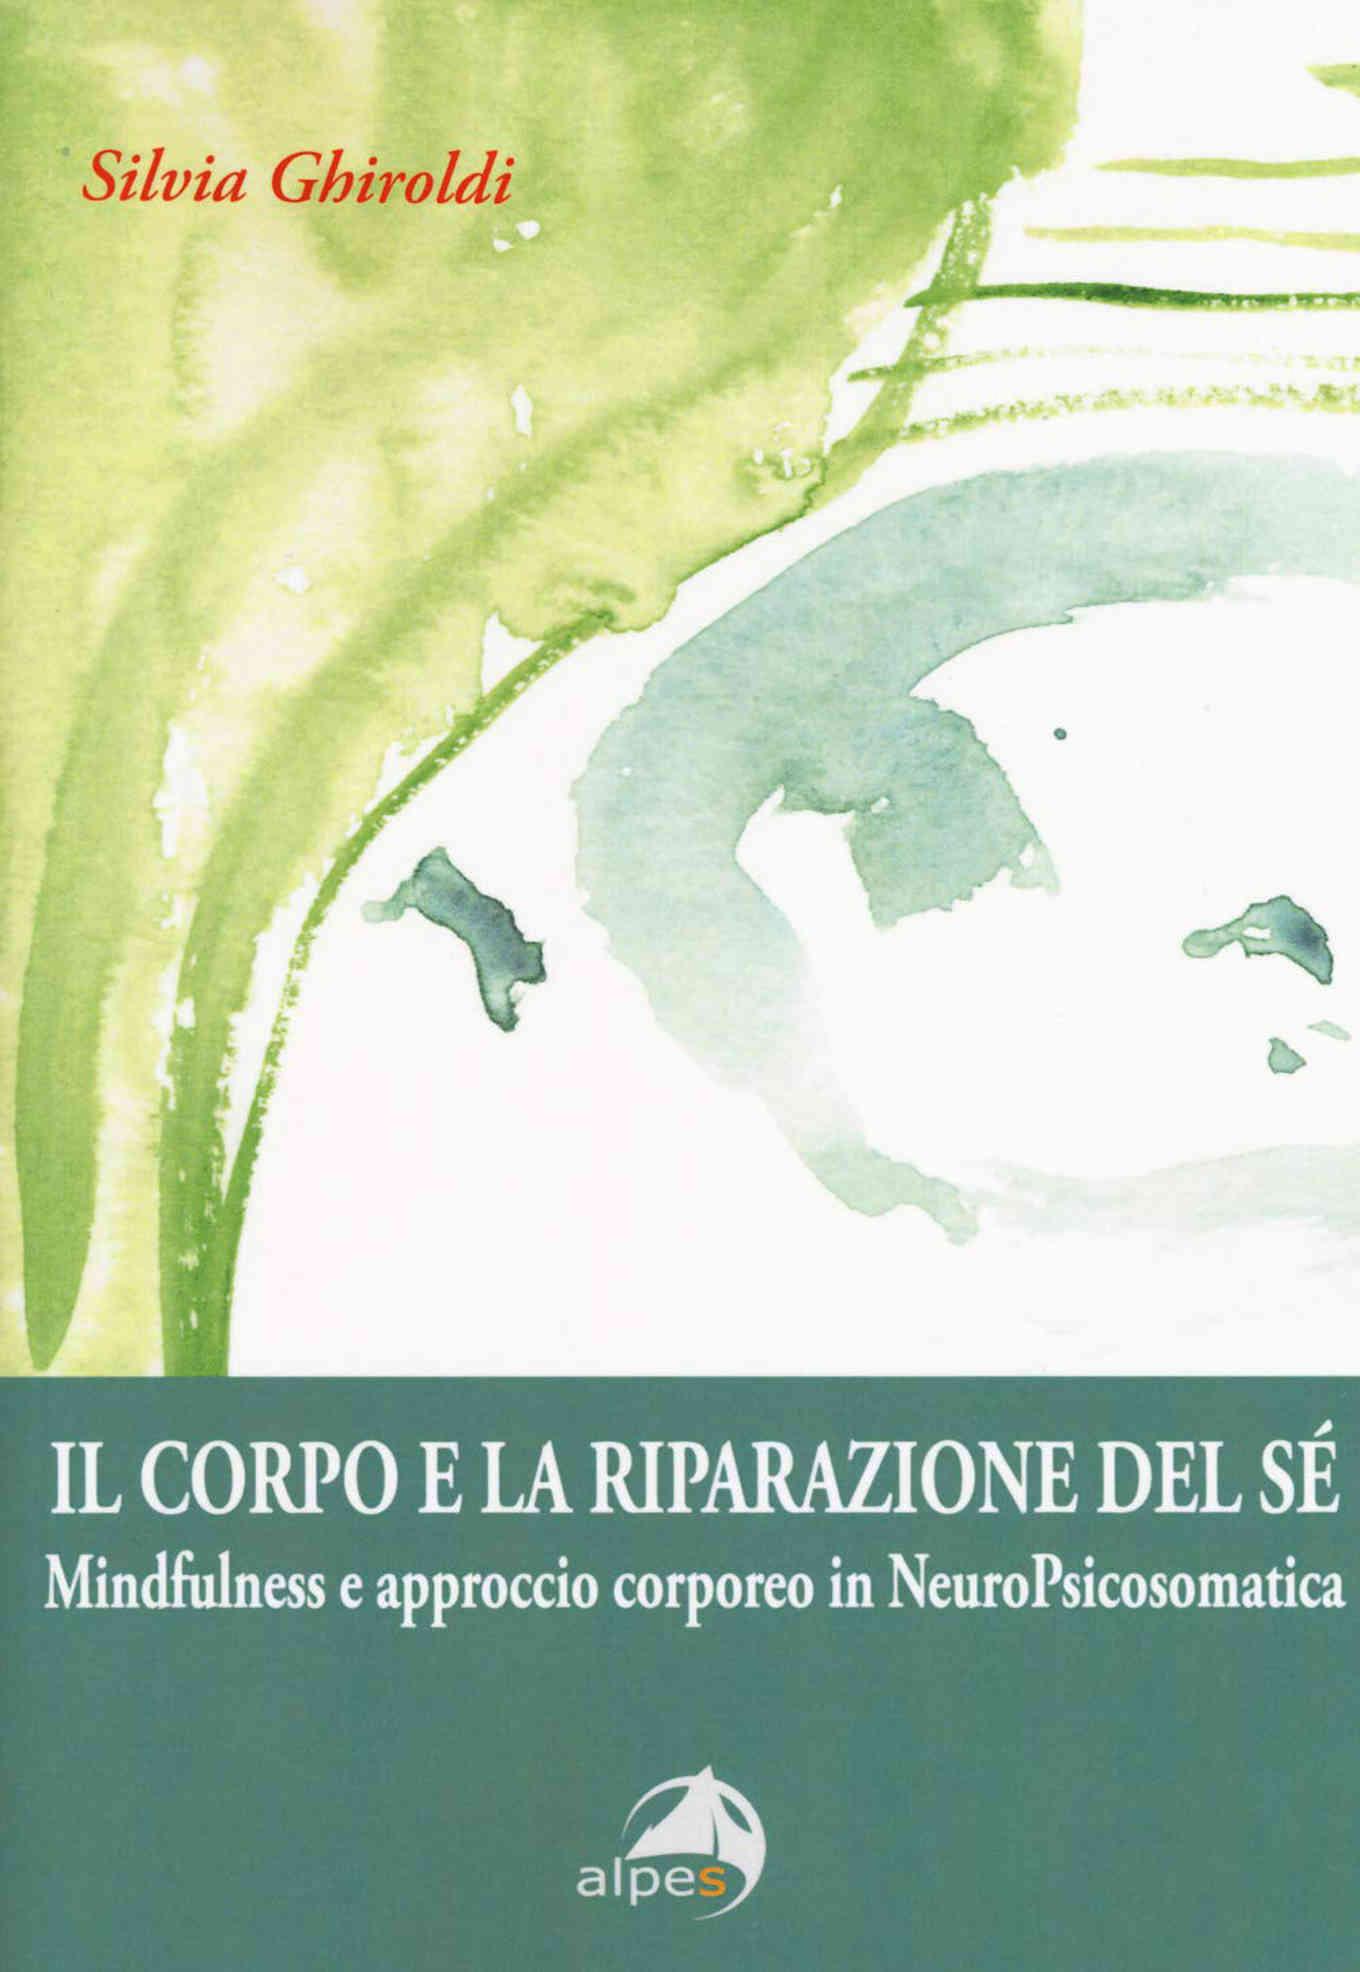 Il corpo e la riparazione del sé. Mindfulness e approccio corporeo in NeuroPsicosomatica (2018) – Recensione del libro